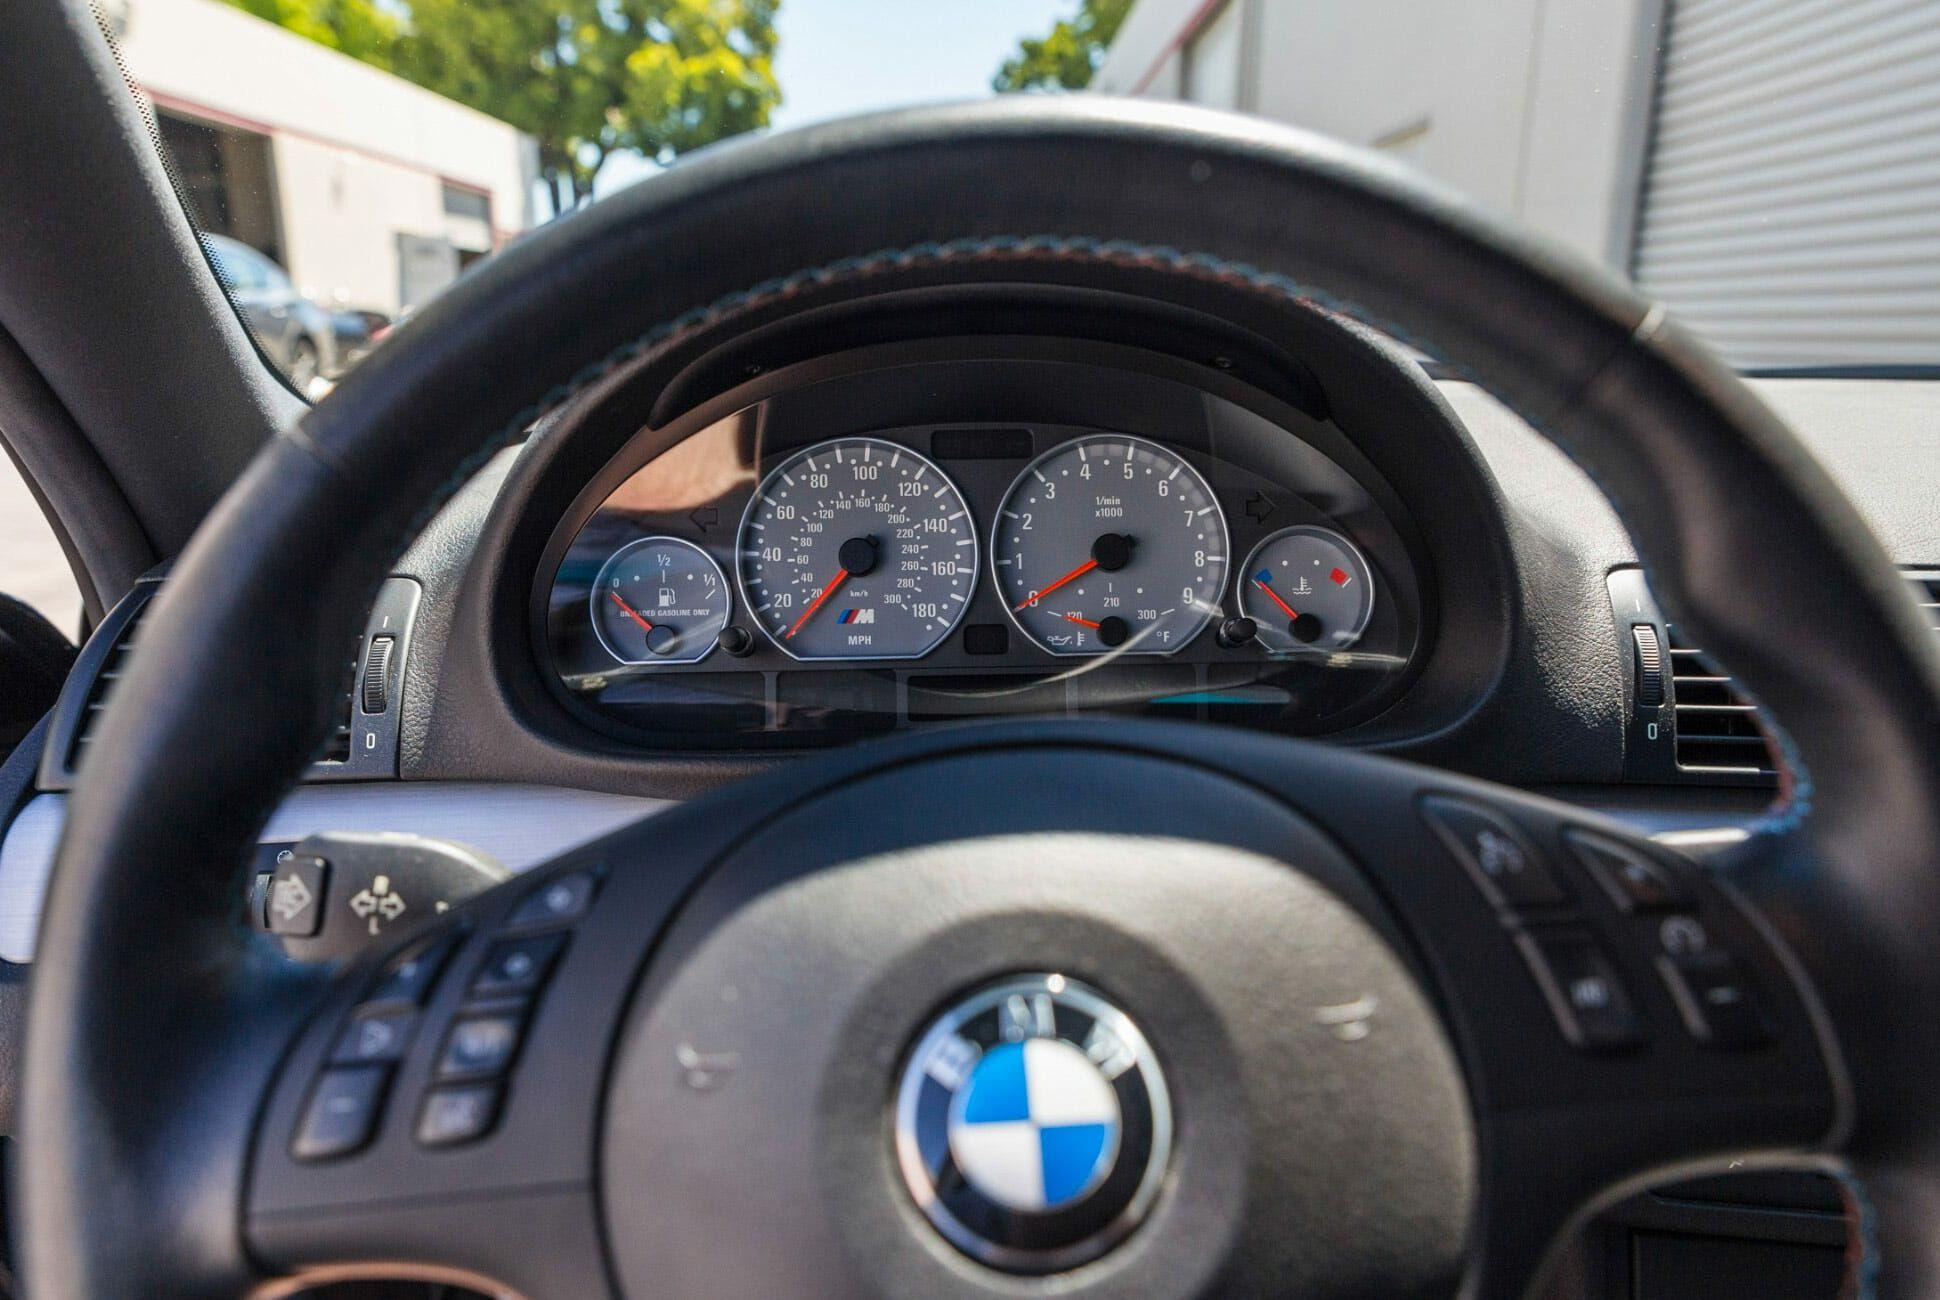 2005-Bring-a-Trailer-BMW-M3--gear-patrol-10